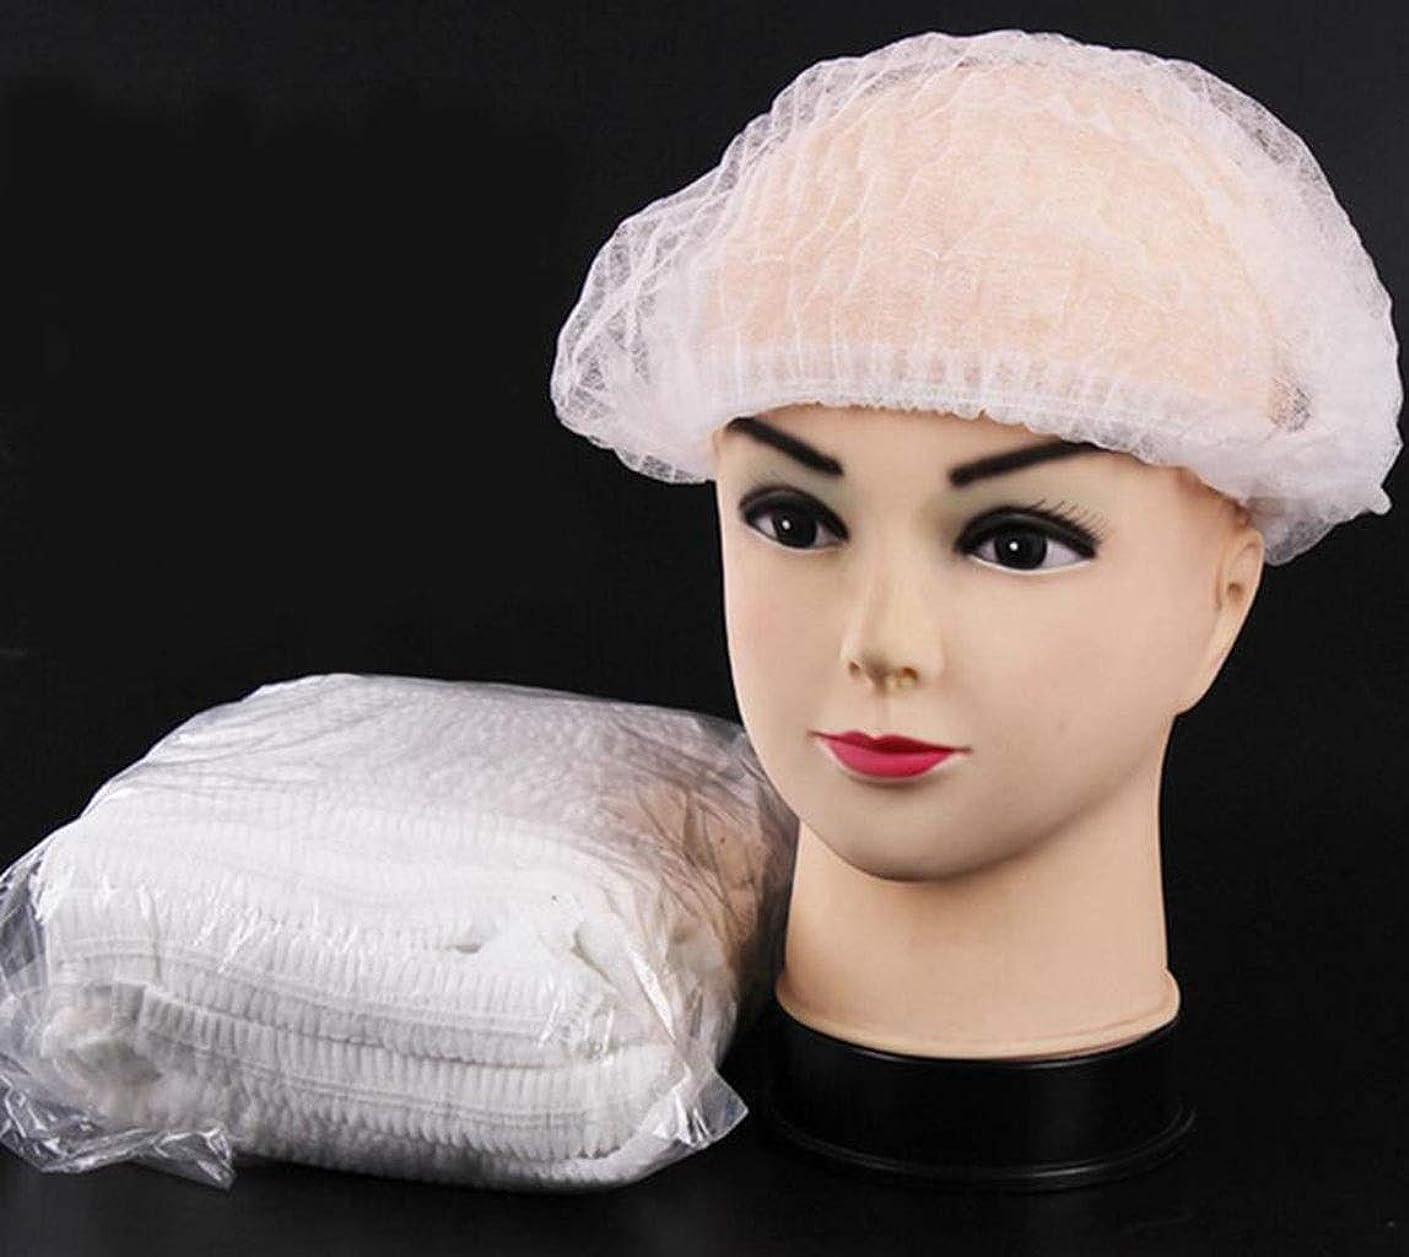 食品産業病院用使い捨て帽子ダブルリブ白不織布帽子使い捨て防塵キッチン食品加工ストリップメッシュキャップ(300) (Color : White)